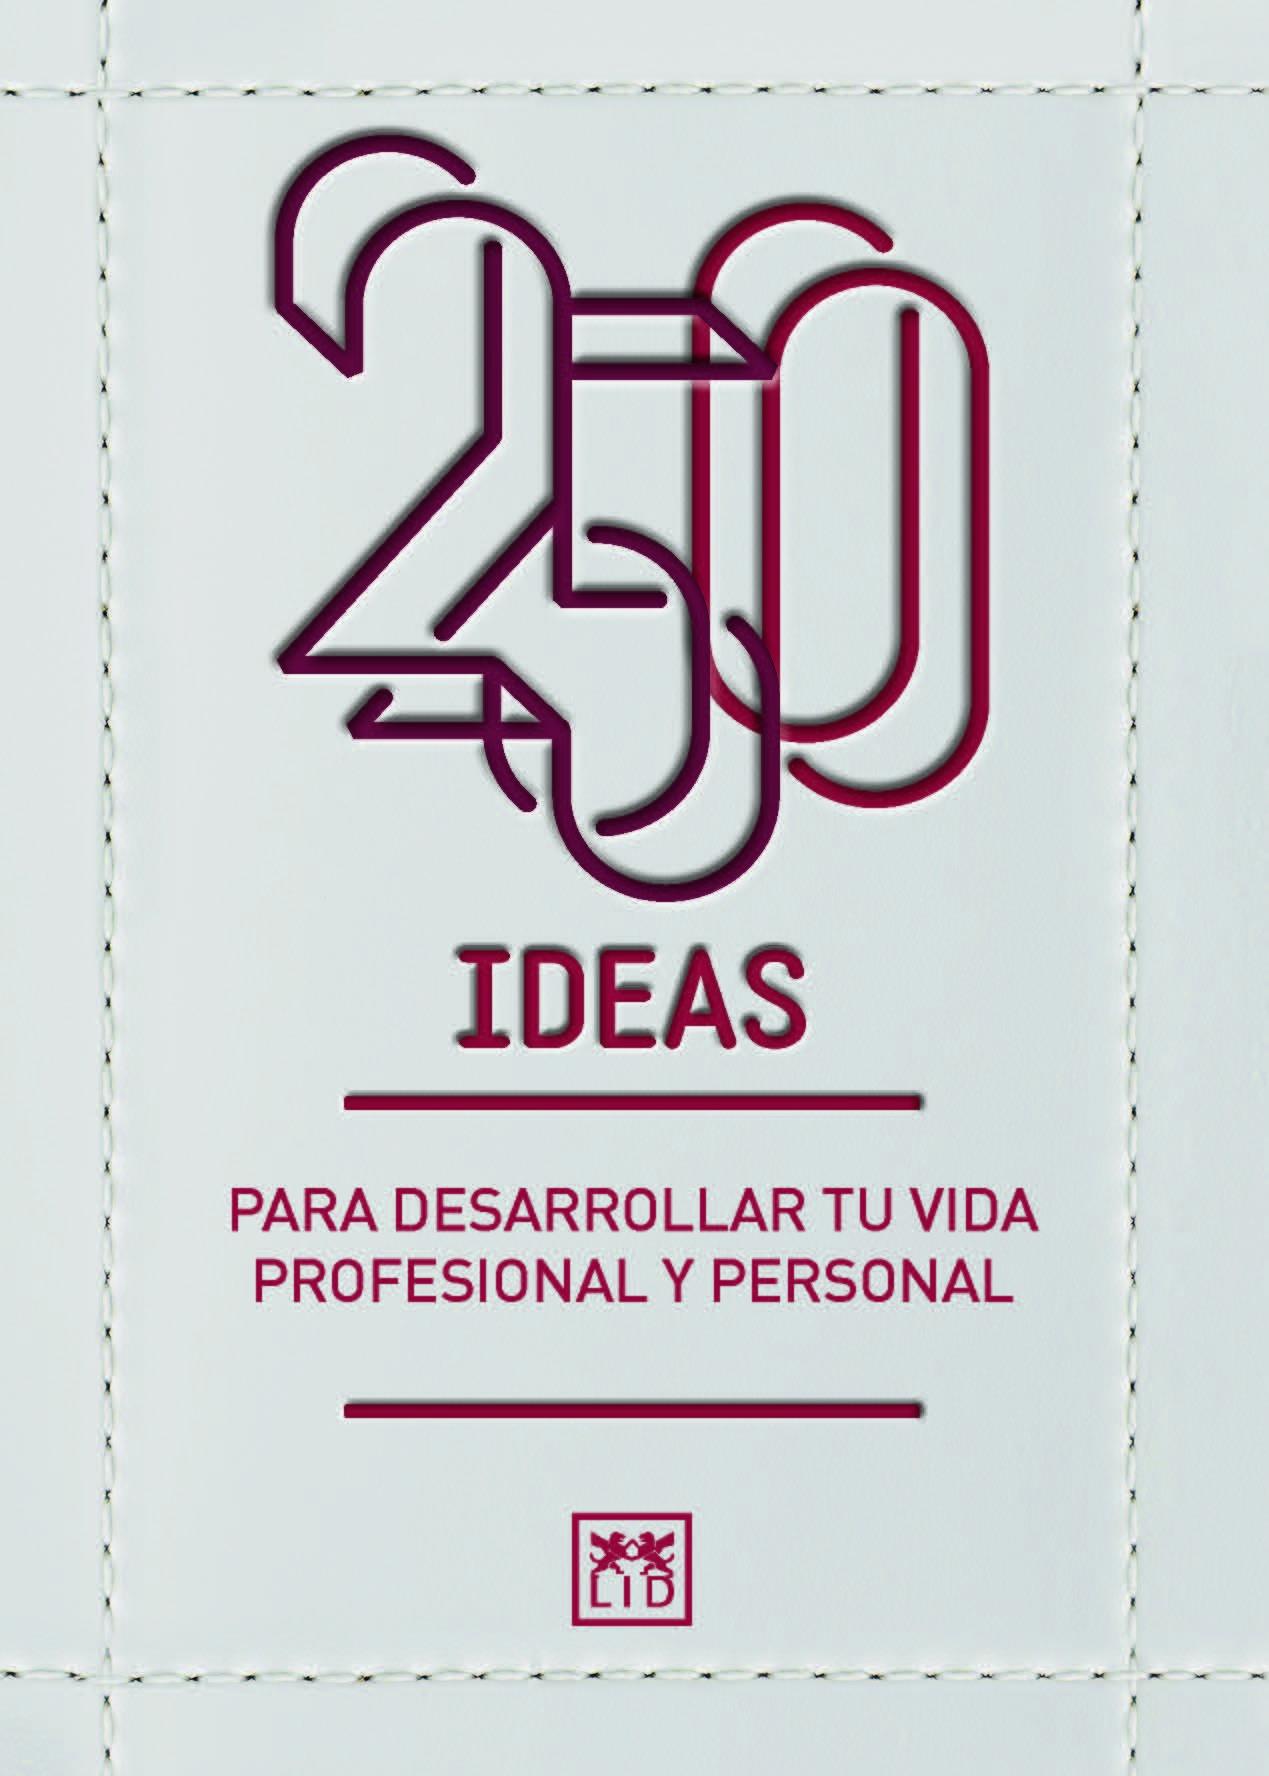 250 ideas